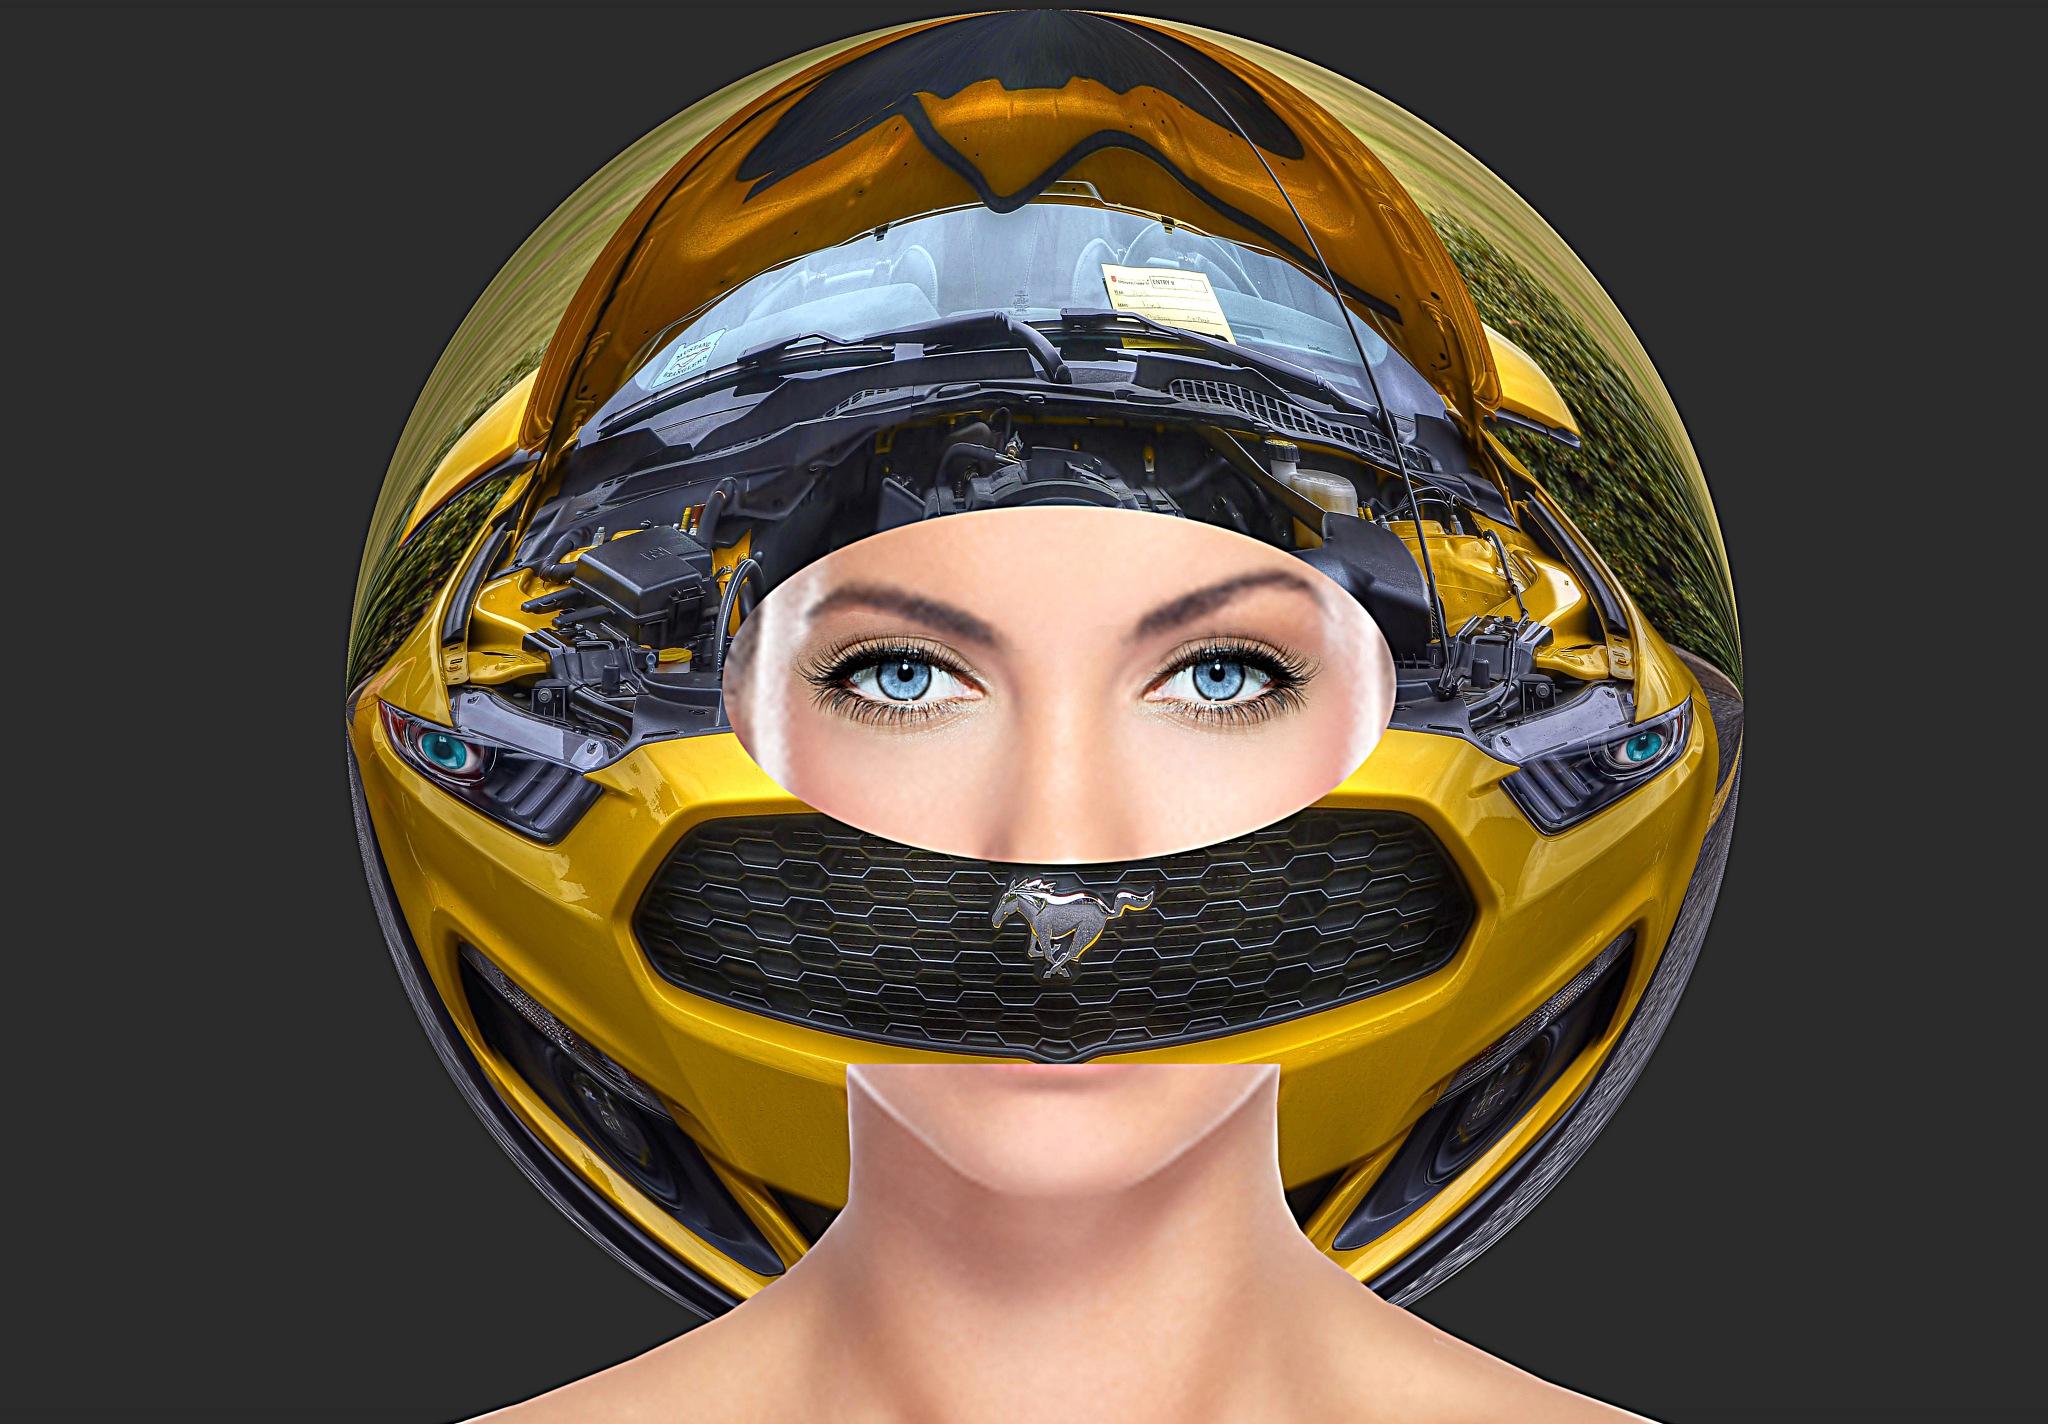 Her Racing Helmet by pscottwong